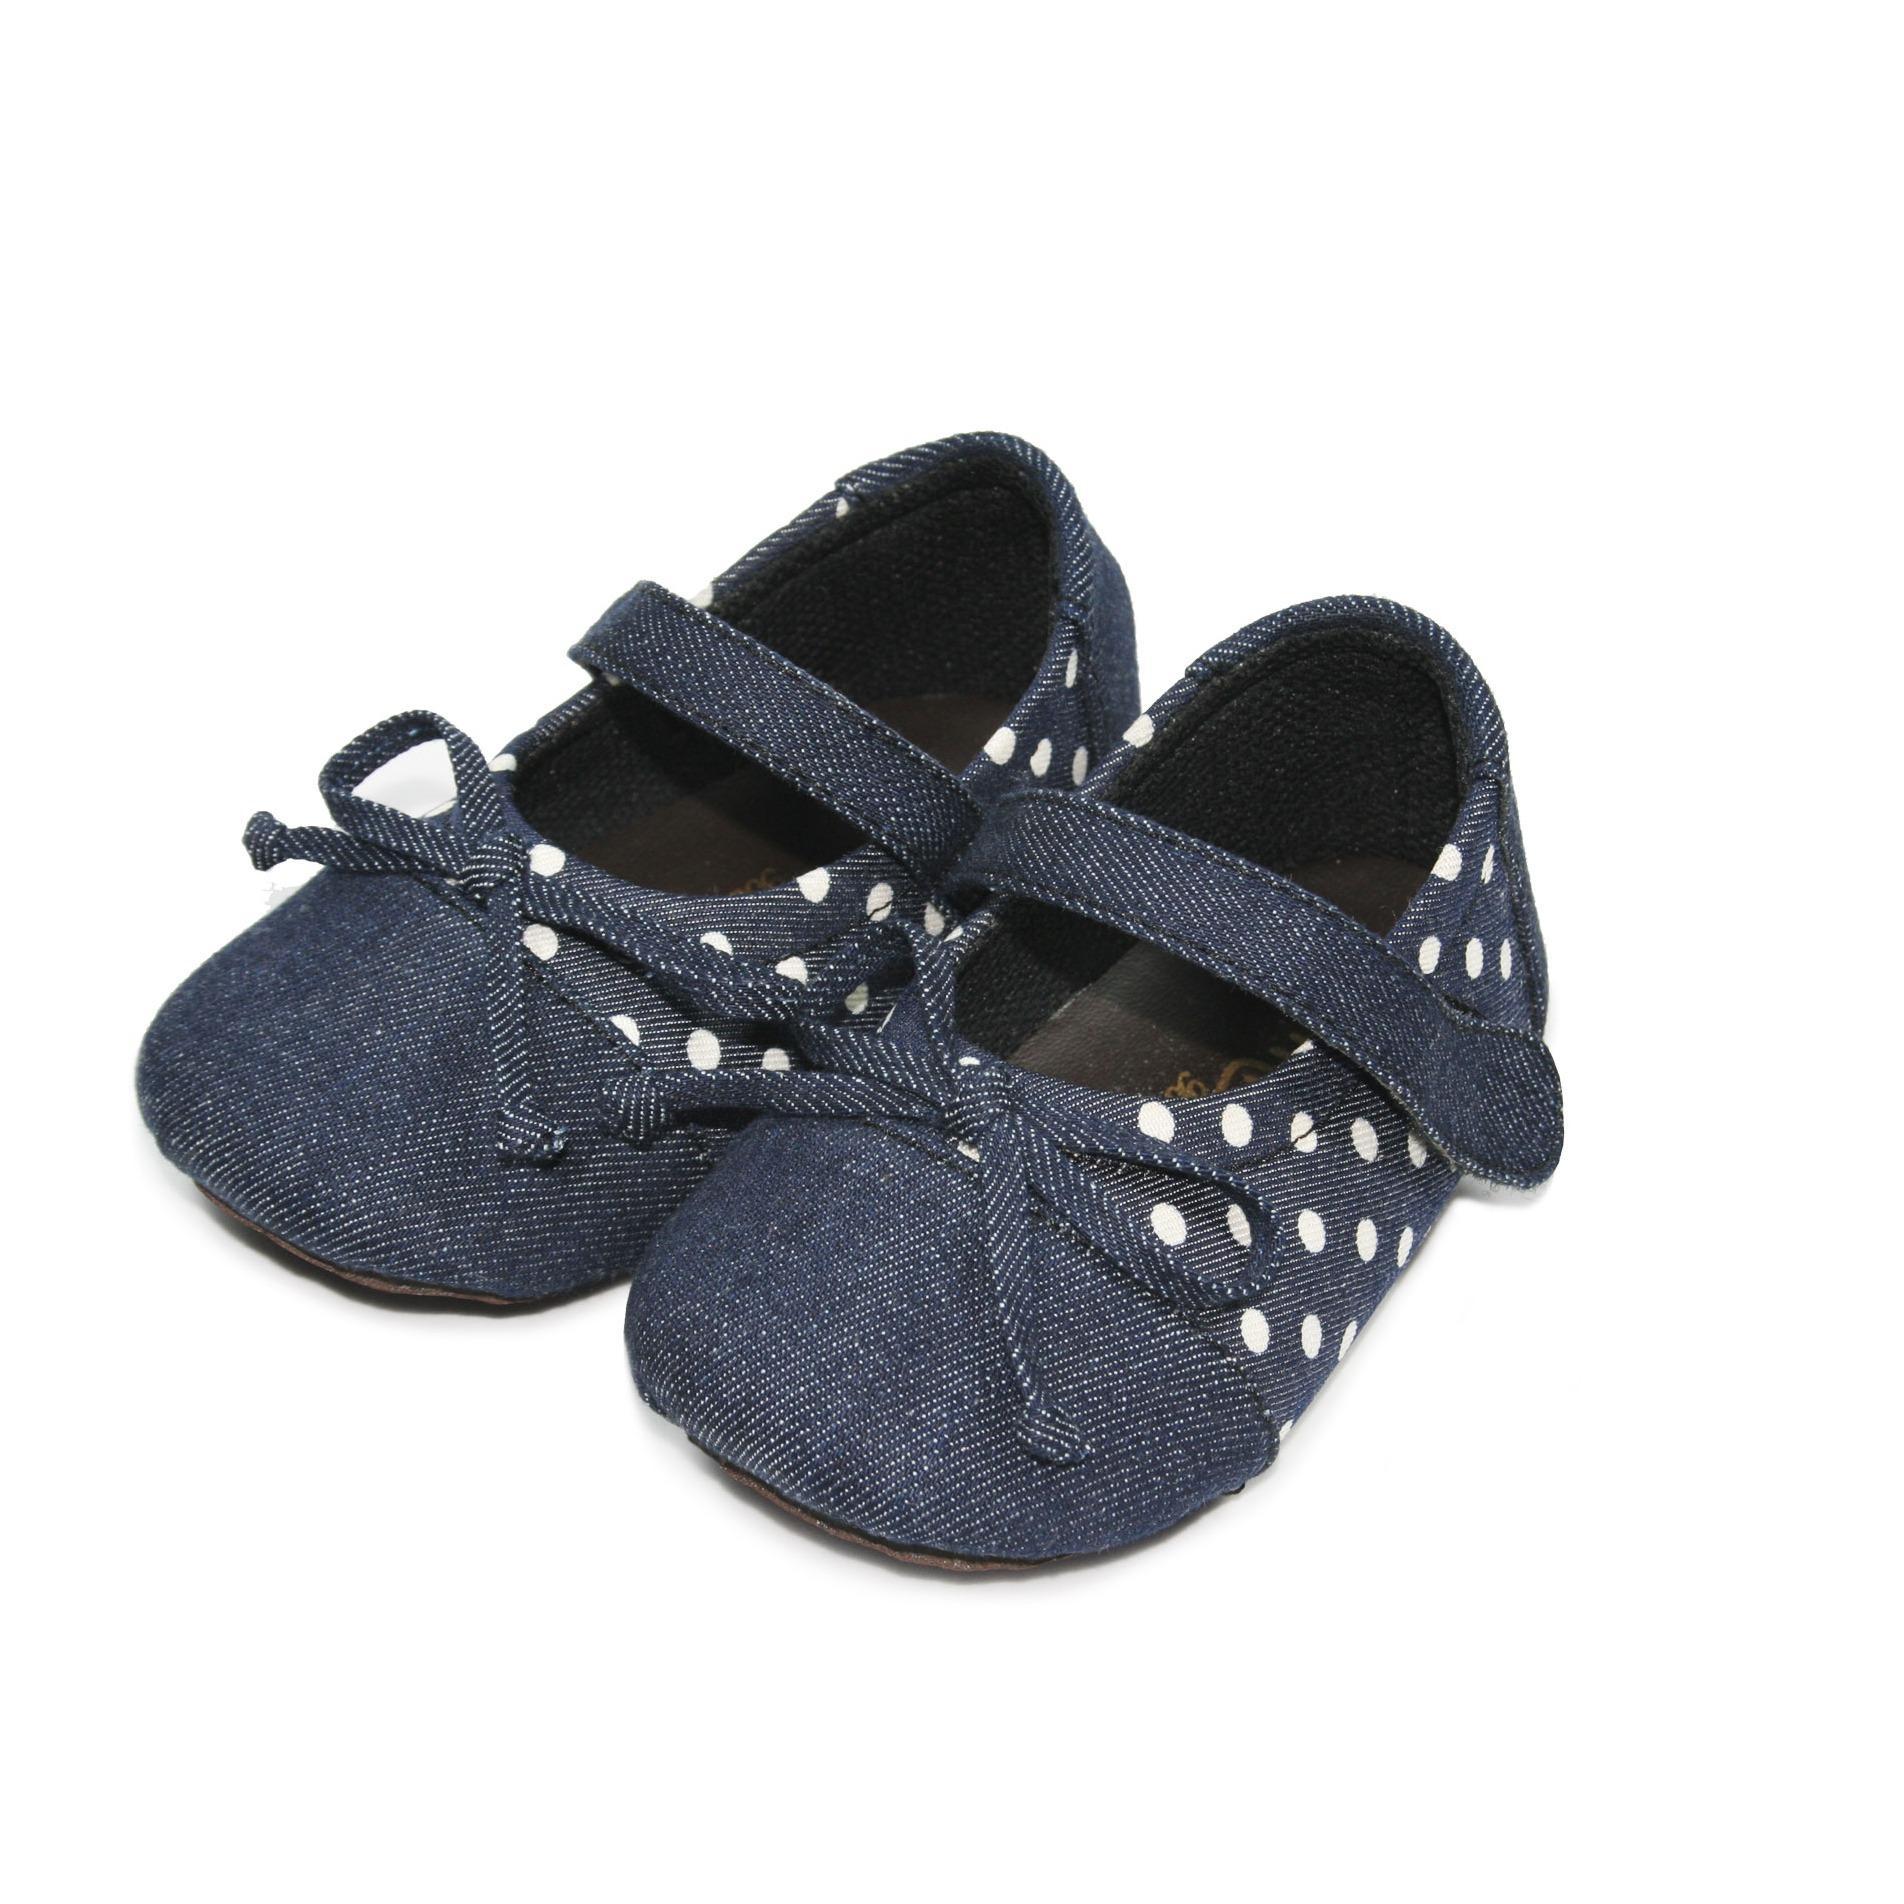 Promo Tamagoo Sepatu Bayi Perempuan Baby Shoes Prewalker Keira Denim Tamagoo